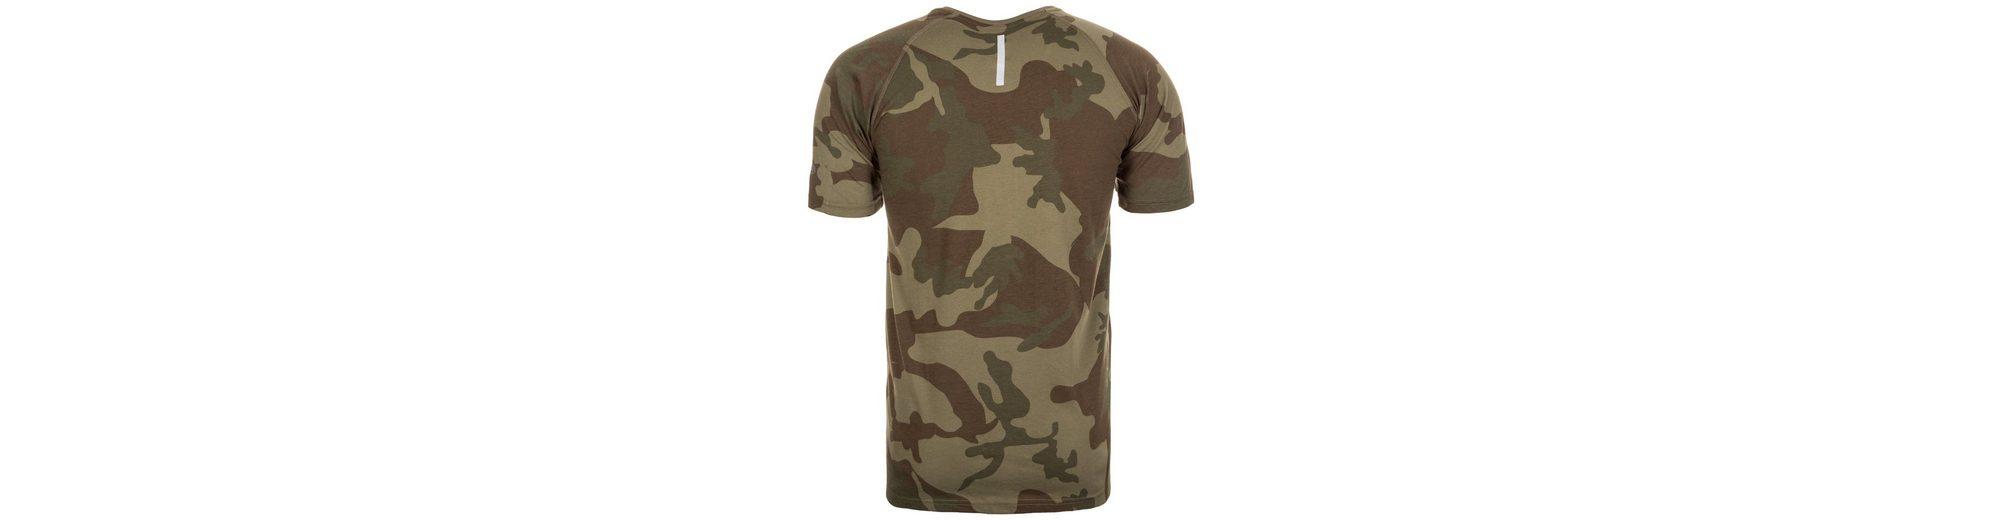 New Era T-Shirt Nfl Team Raglan Oakland Raiders Freies Verschiffen Mode-Stil Online 100% Garantiert uQbn7